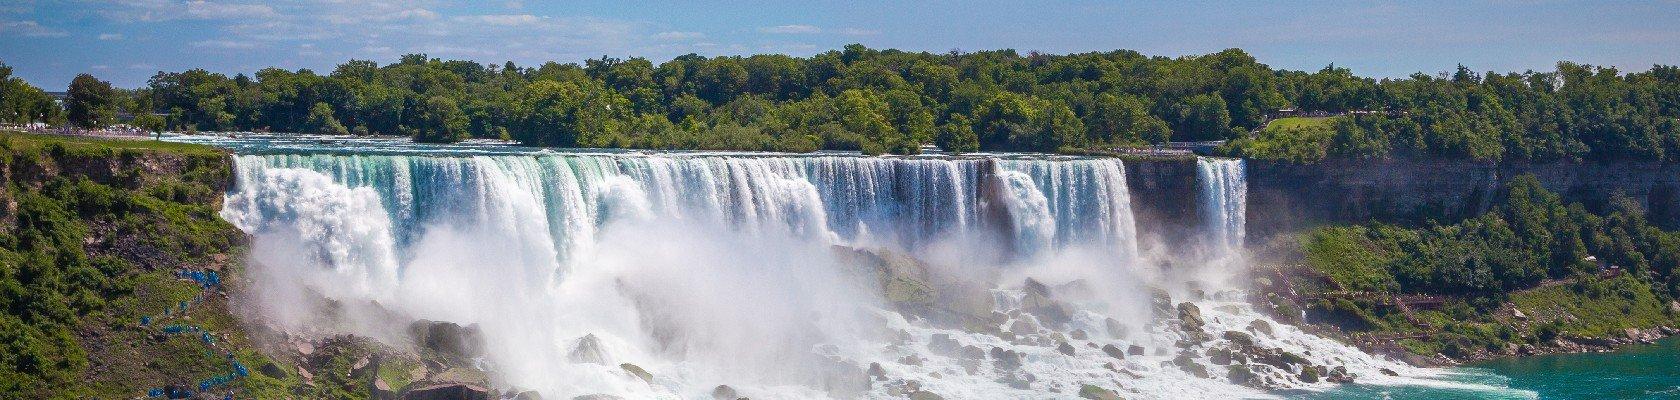 Adembenemende Niagara Falls